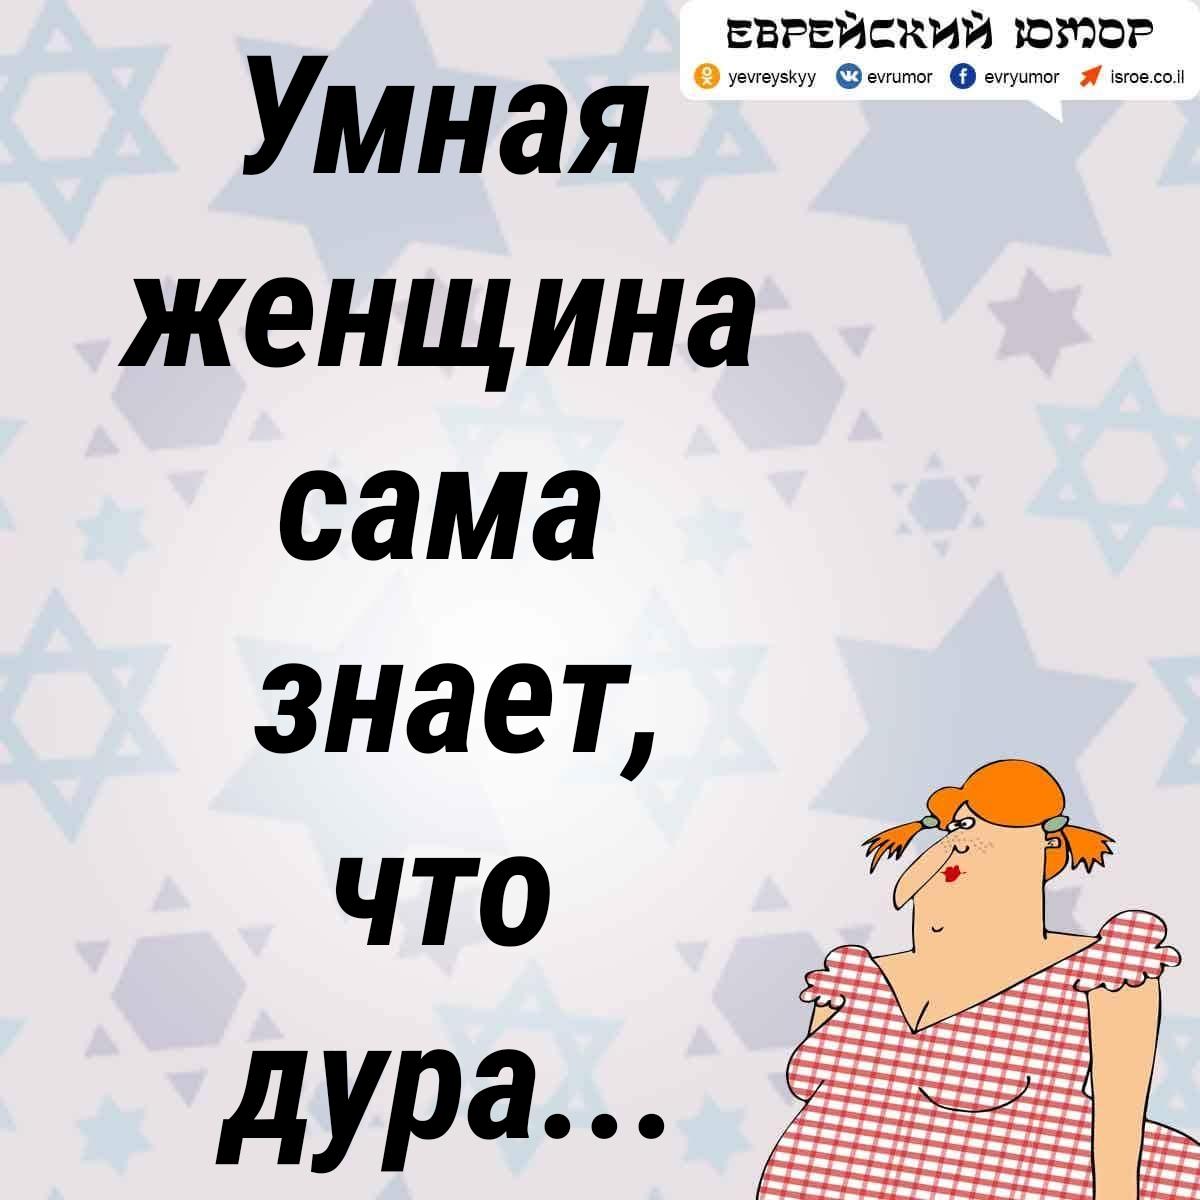 Еврейский юмор. Одесский анекдот.